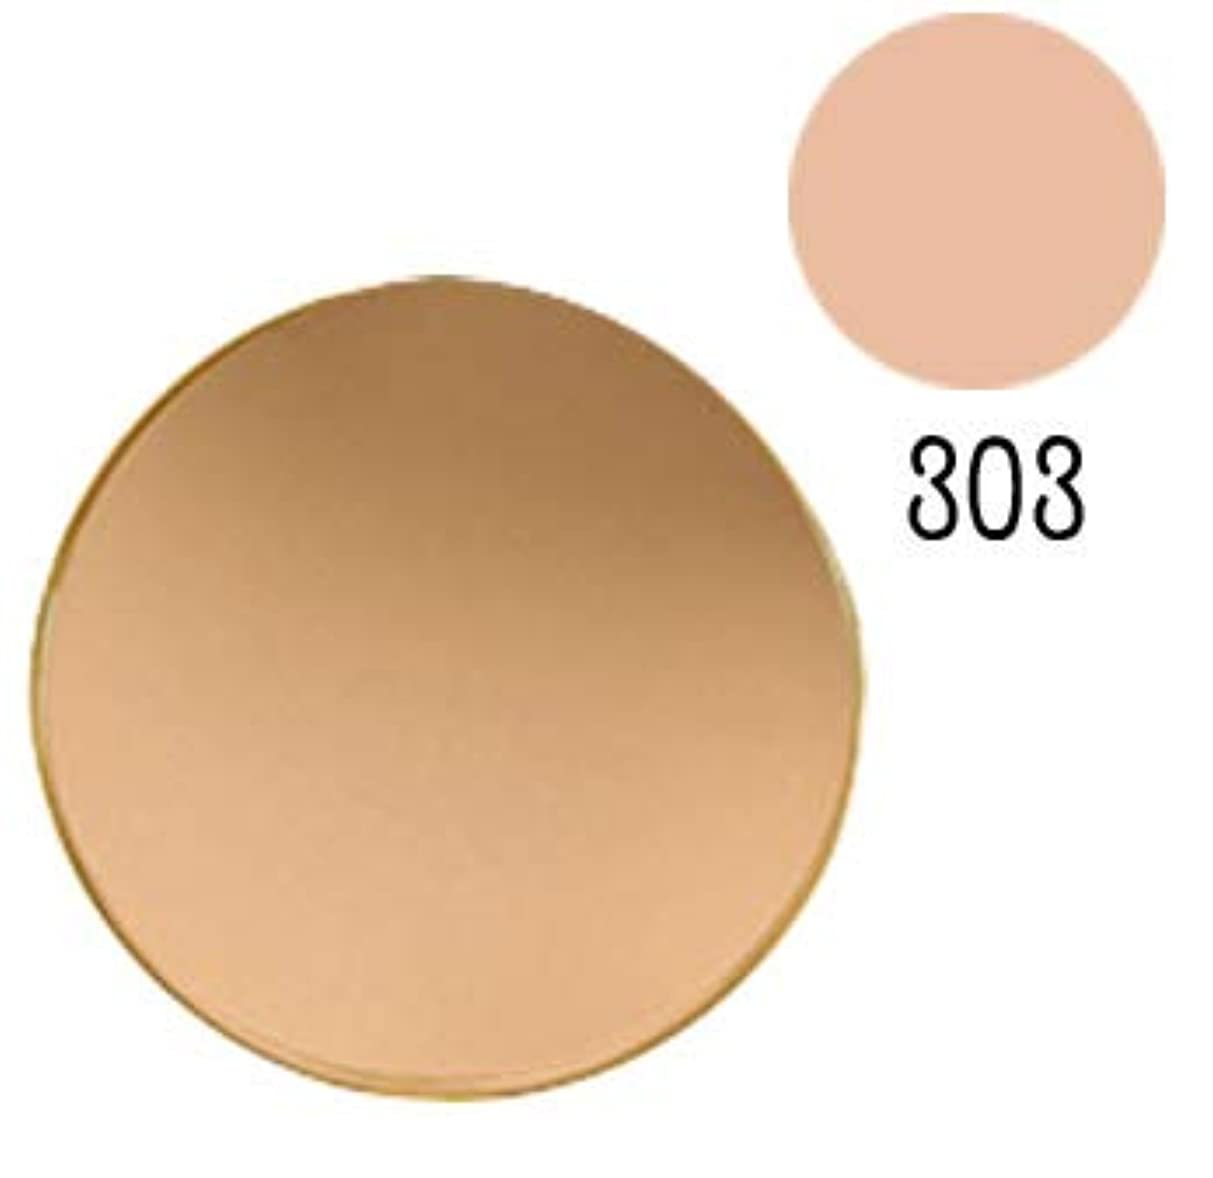 コスメデコルテ エタニア シュール ファンデーション<303> レフィル SPF15/PA++